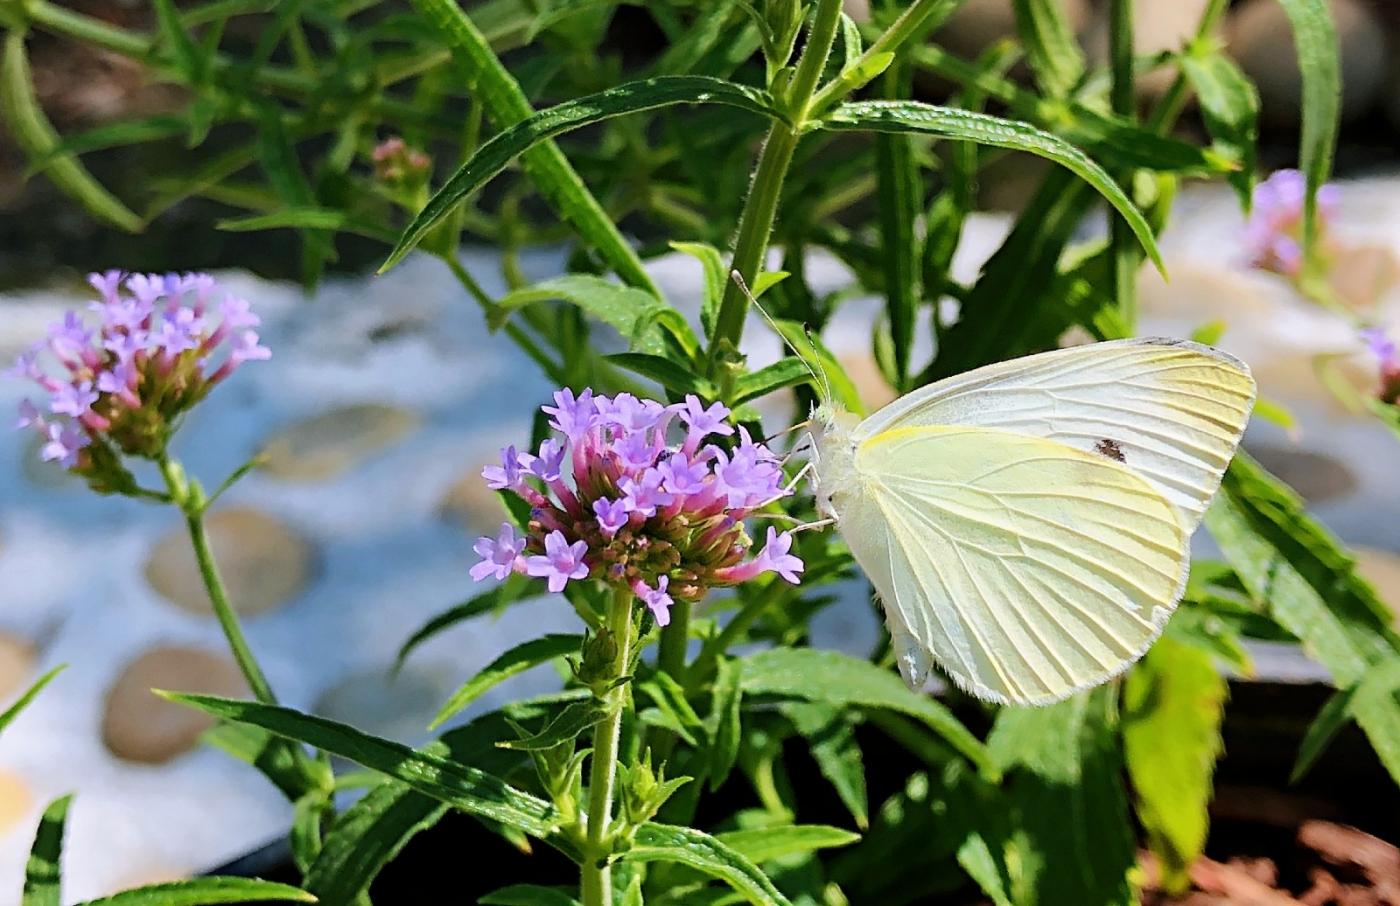 【田螺随拍】我种了马鞭草蝴蝶就来了_图1-17